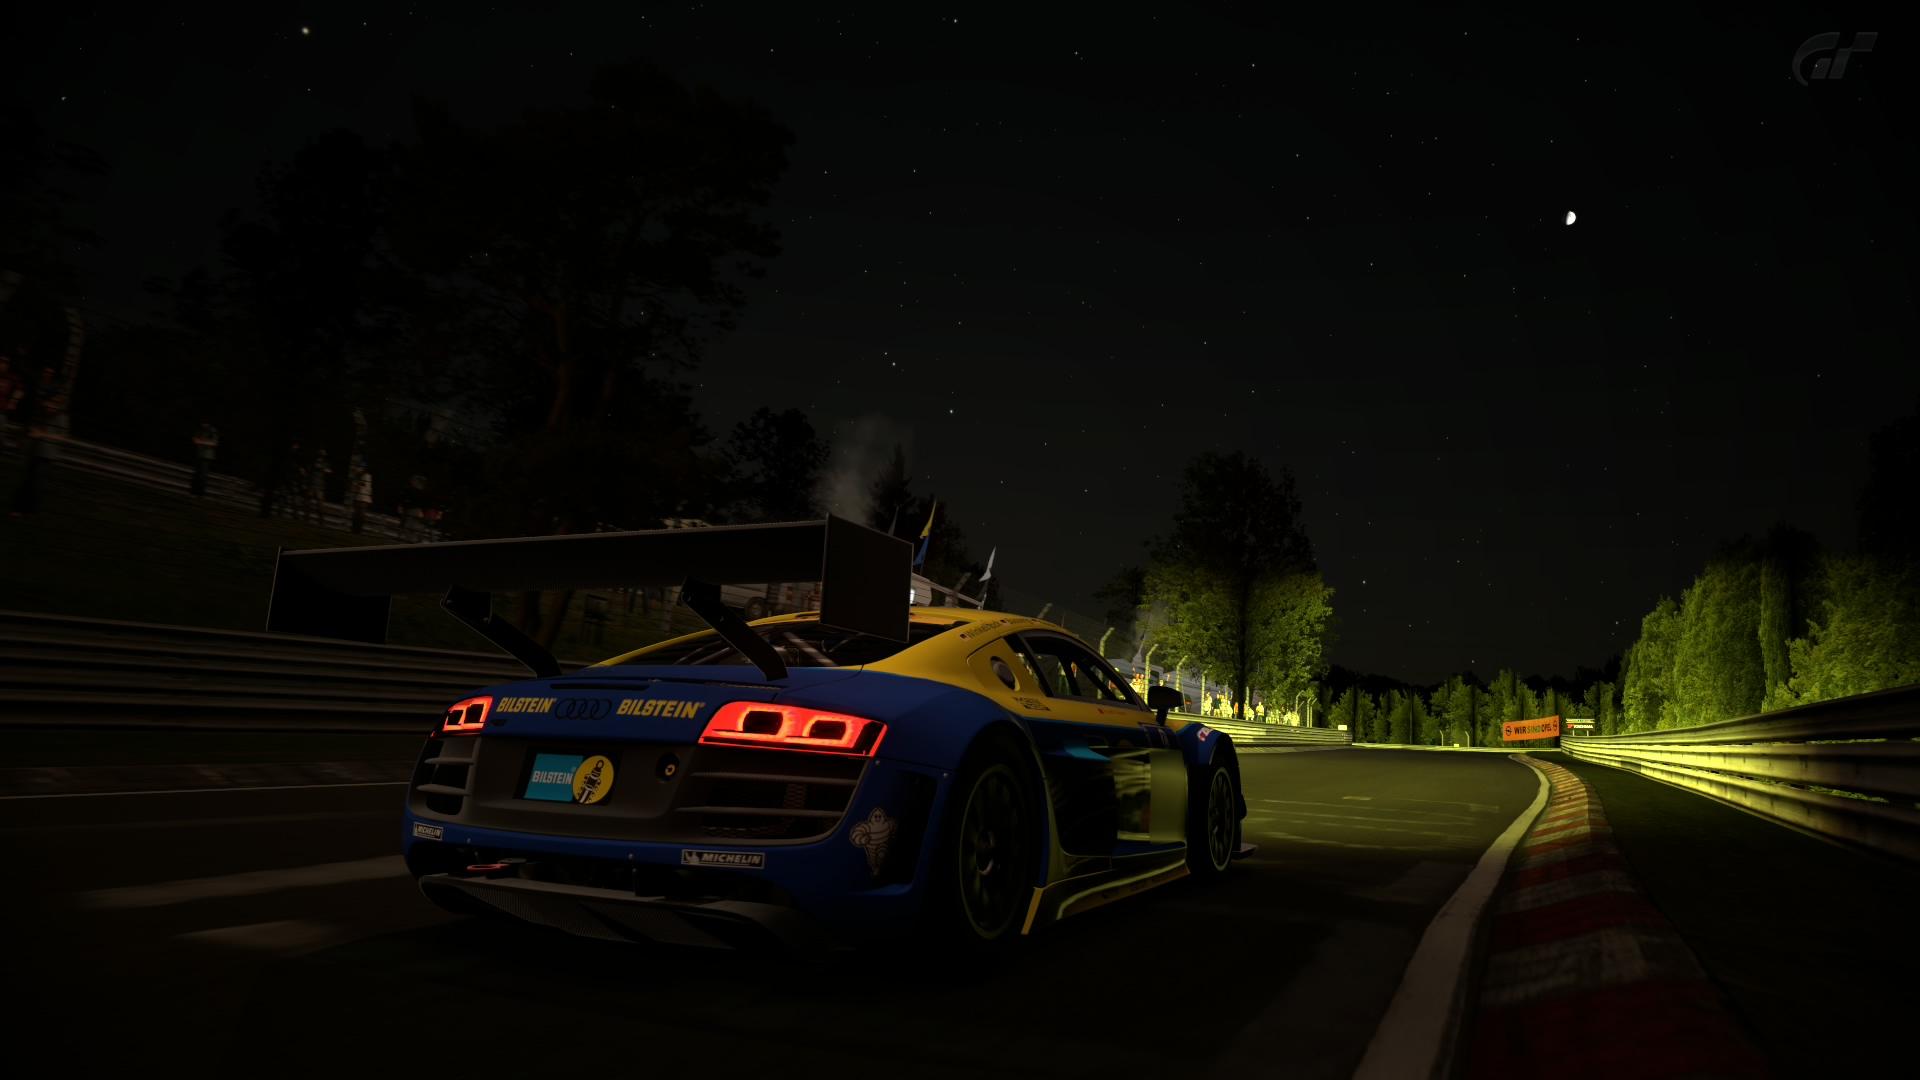 Crónica del Audi R8 LMS Ultra en Nürburgring 24h Narbur12